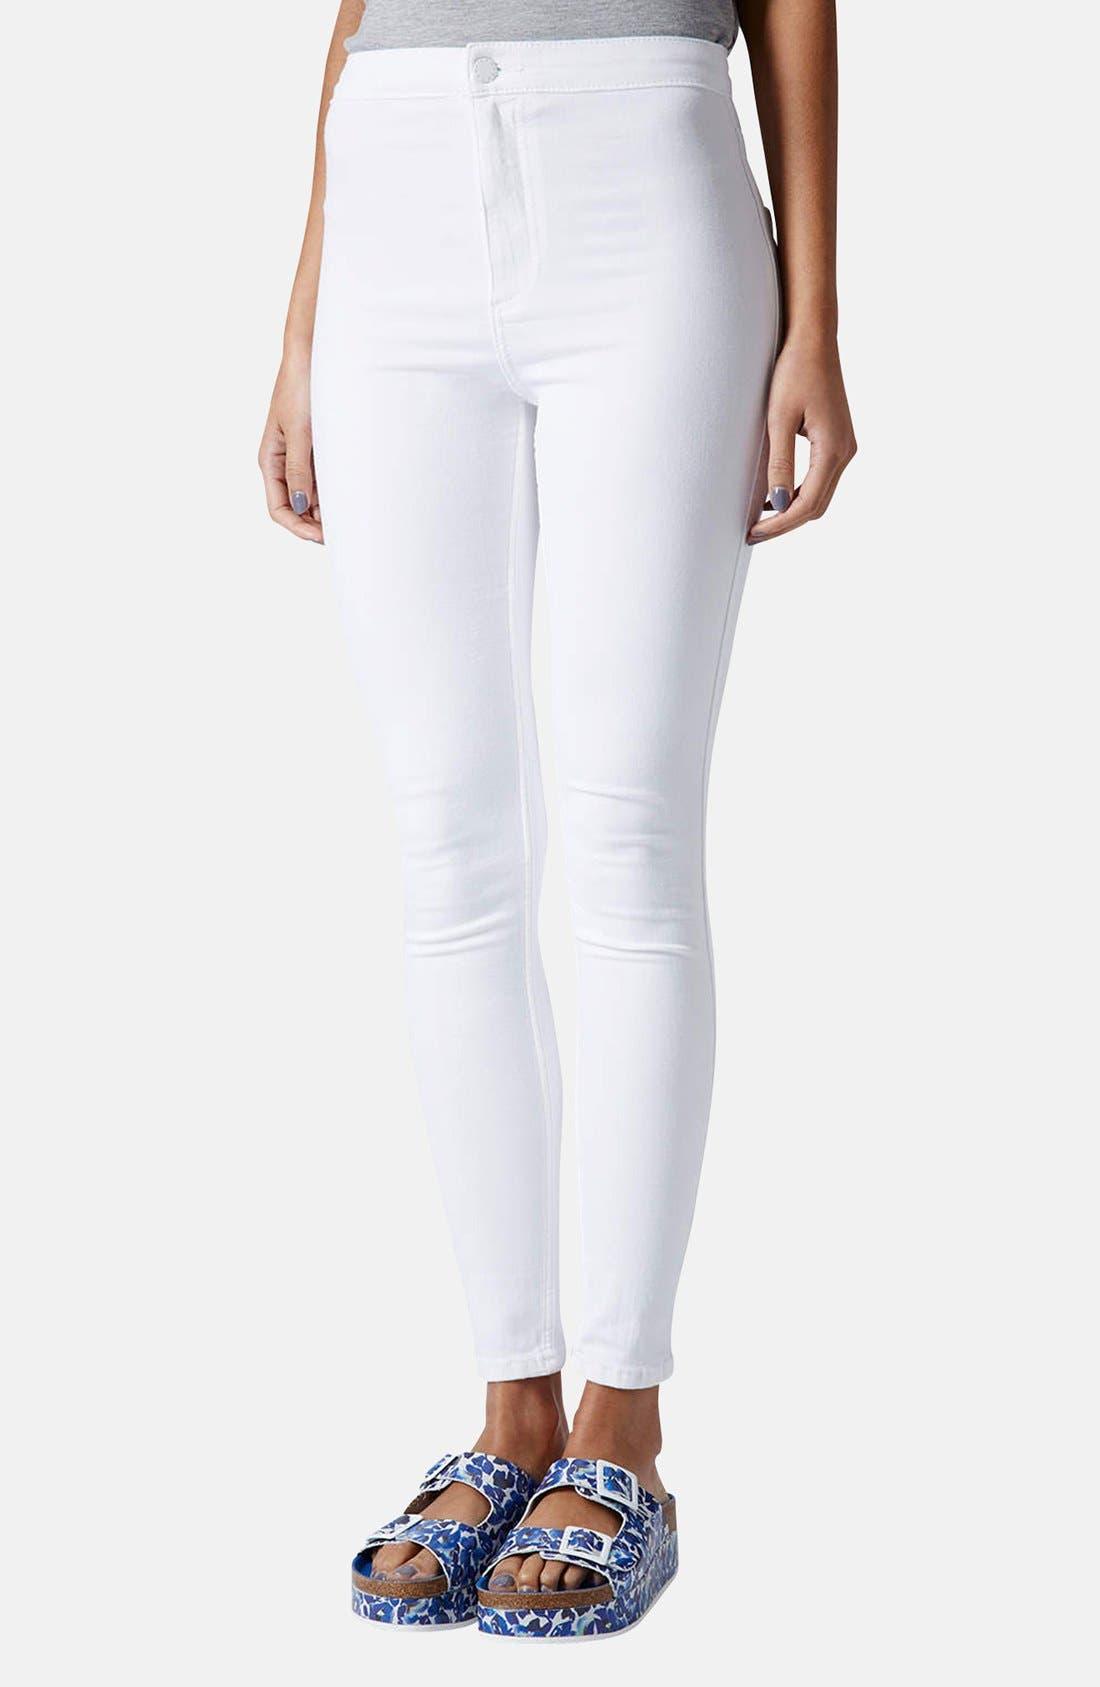 Moto 'Joni' High Rise Skinny Jeans,                             Main thumbnail 1, color,                             100